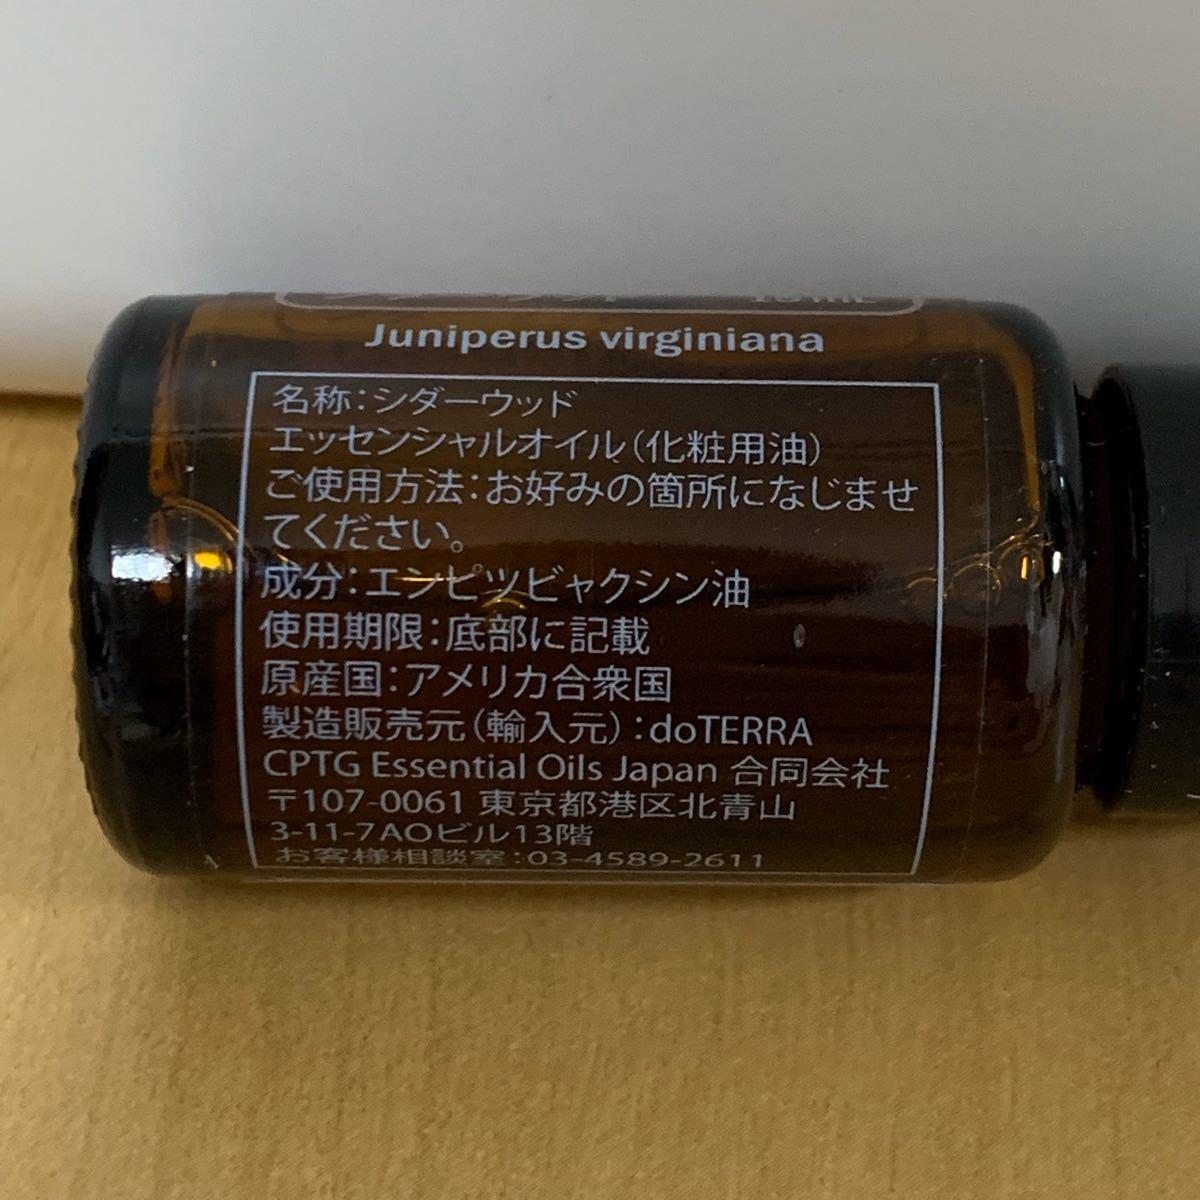 ドテラ シダーウッド  15mL  アロマオイル エッセンシャルオイル